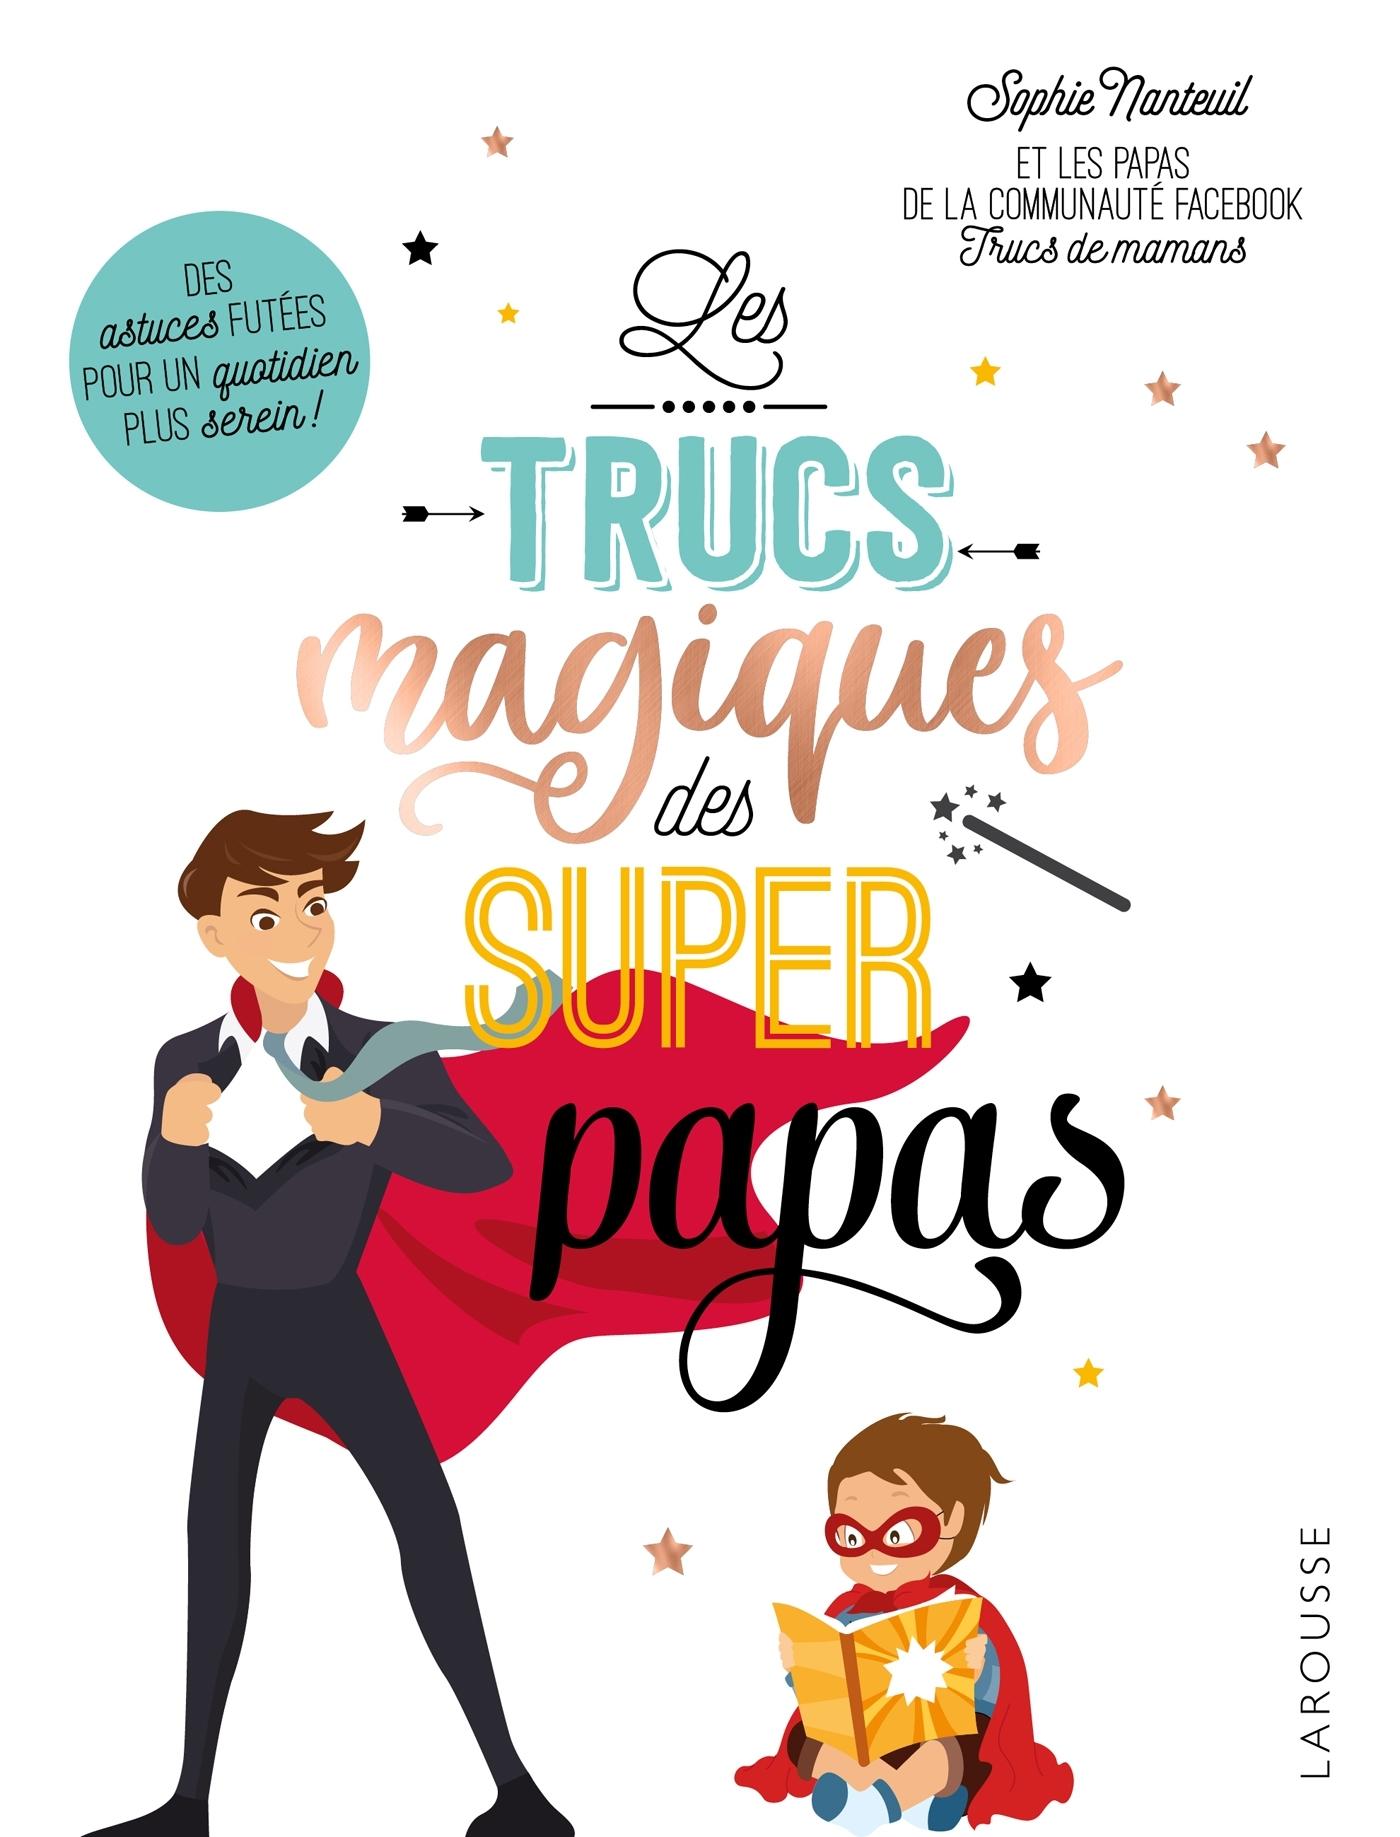 TRUCS MAGIQUES DES SUPERS PAPAS